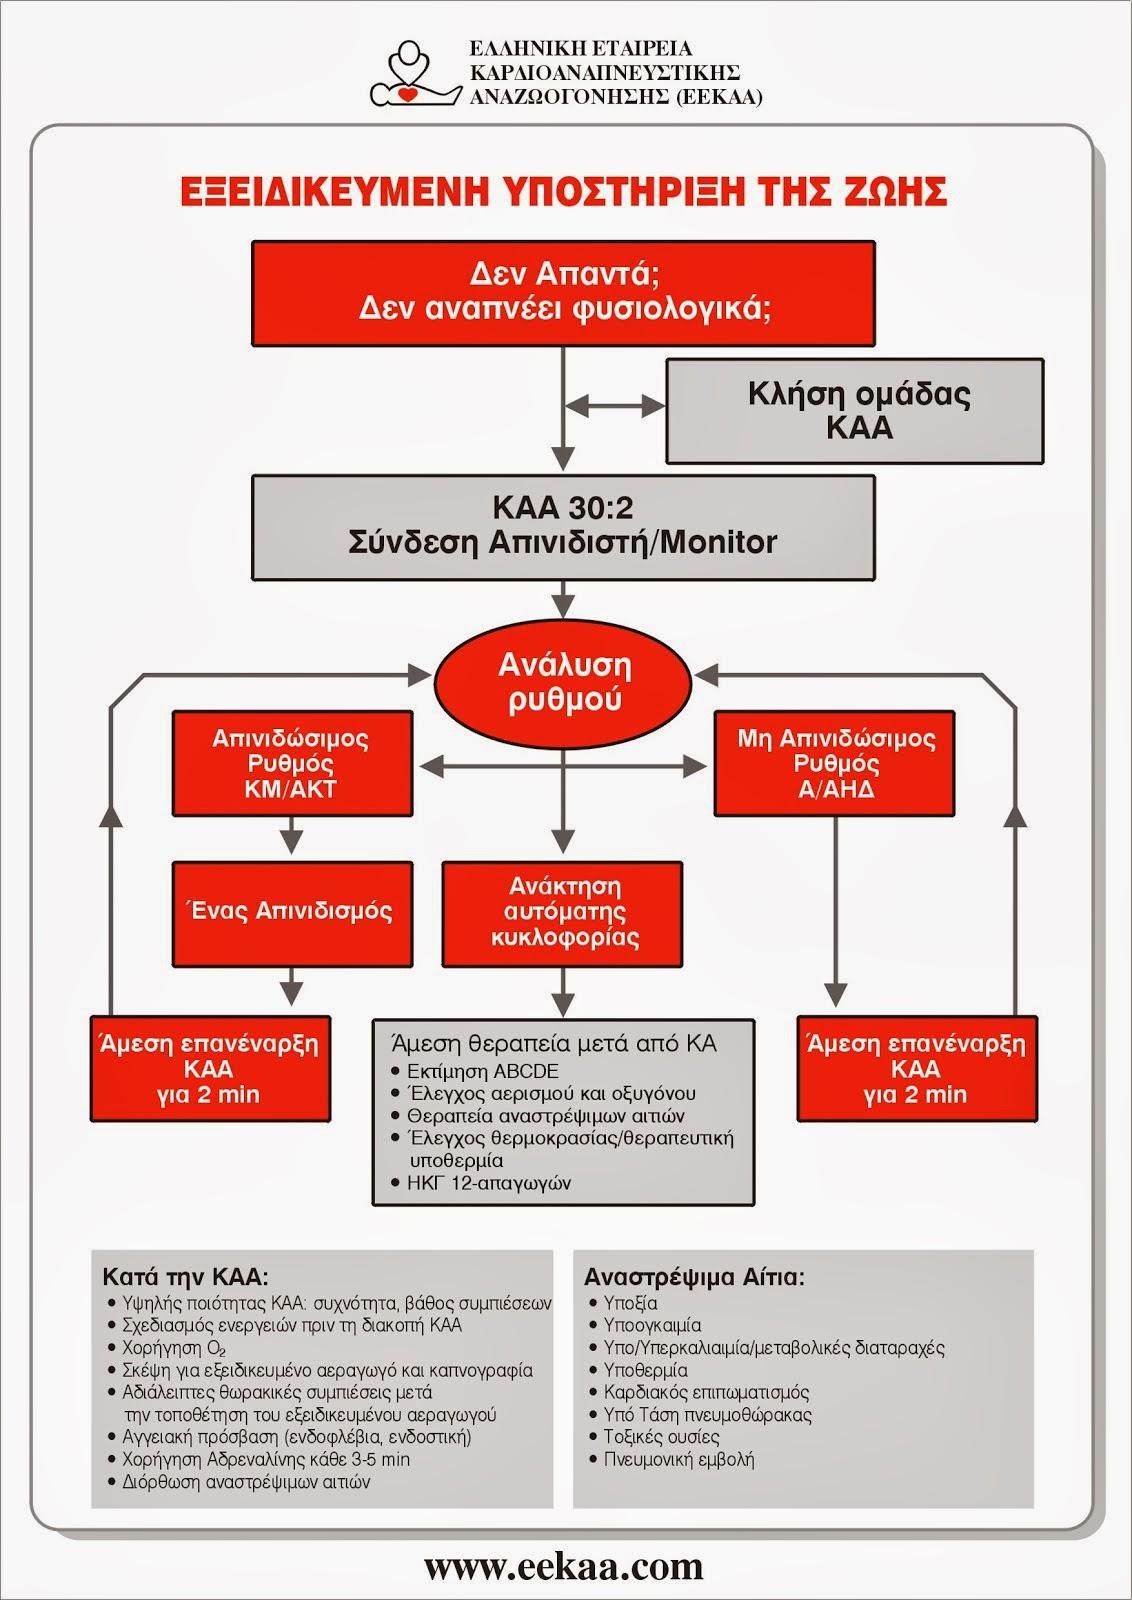 ΑΛΓΟΡΙΘΜΟΣ ACLS 2010 (EEKAA - ERC)